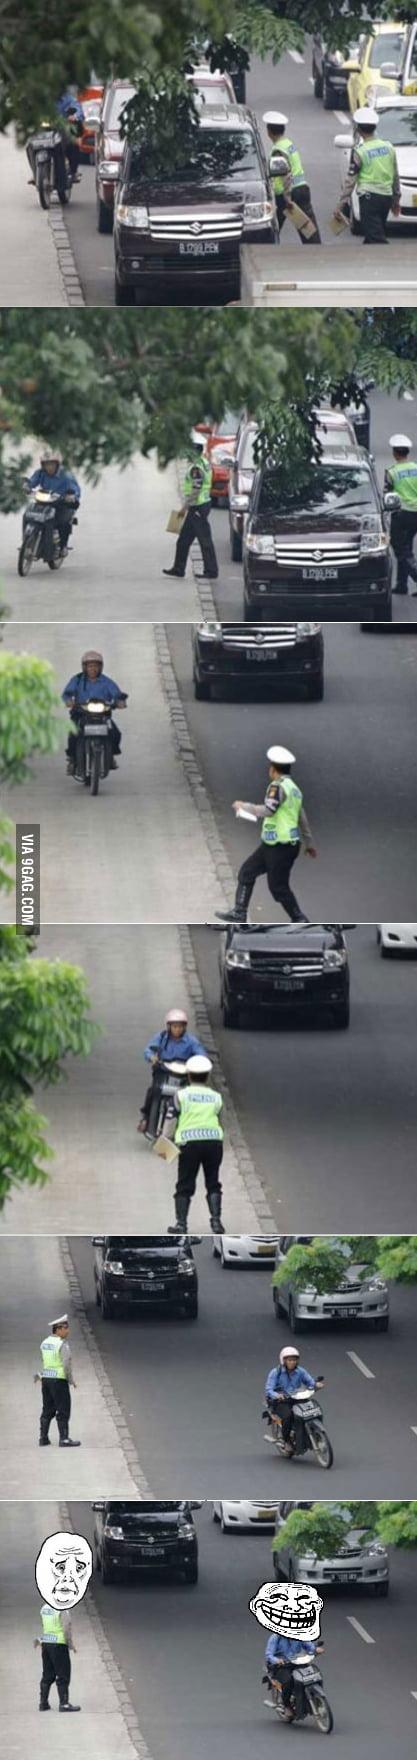 U mad police???